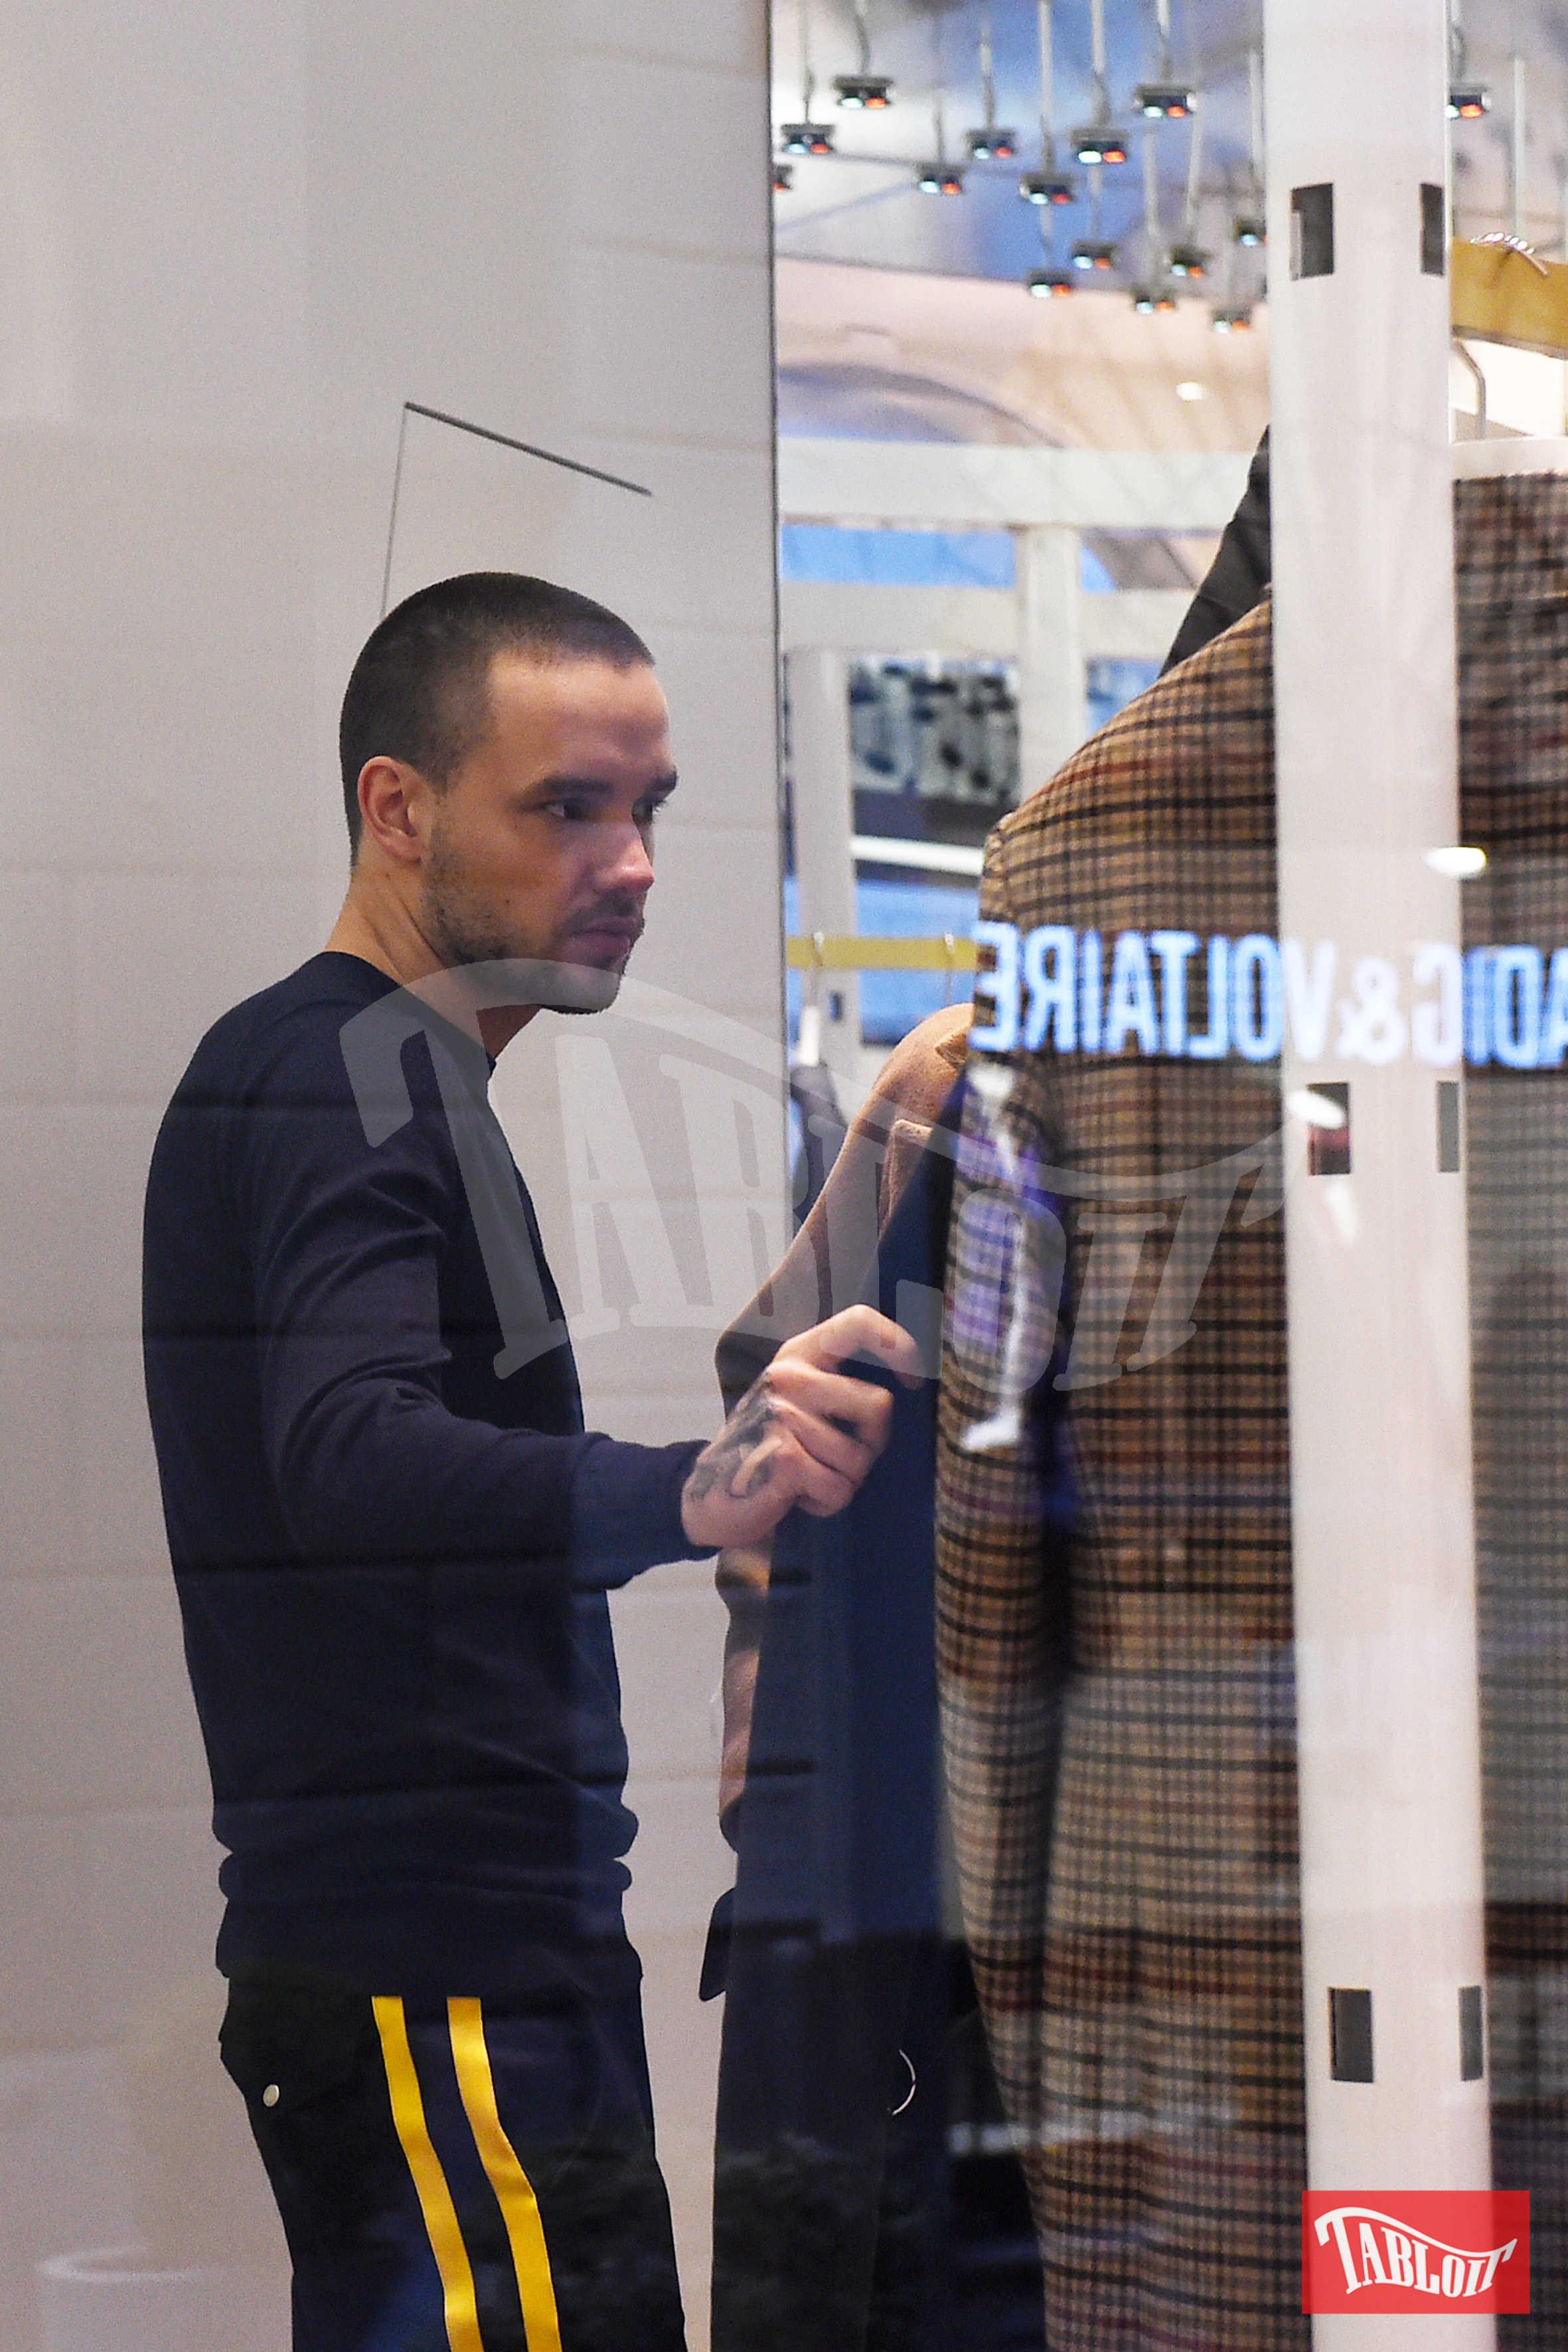 Liam Payne ha fatto acquisti da Balenciaga insieme ad alcuni collaboratori